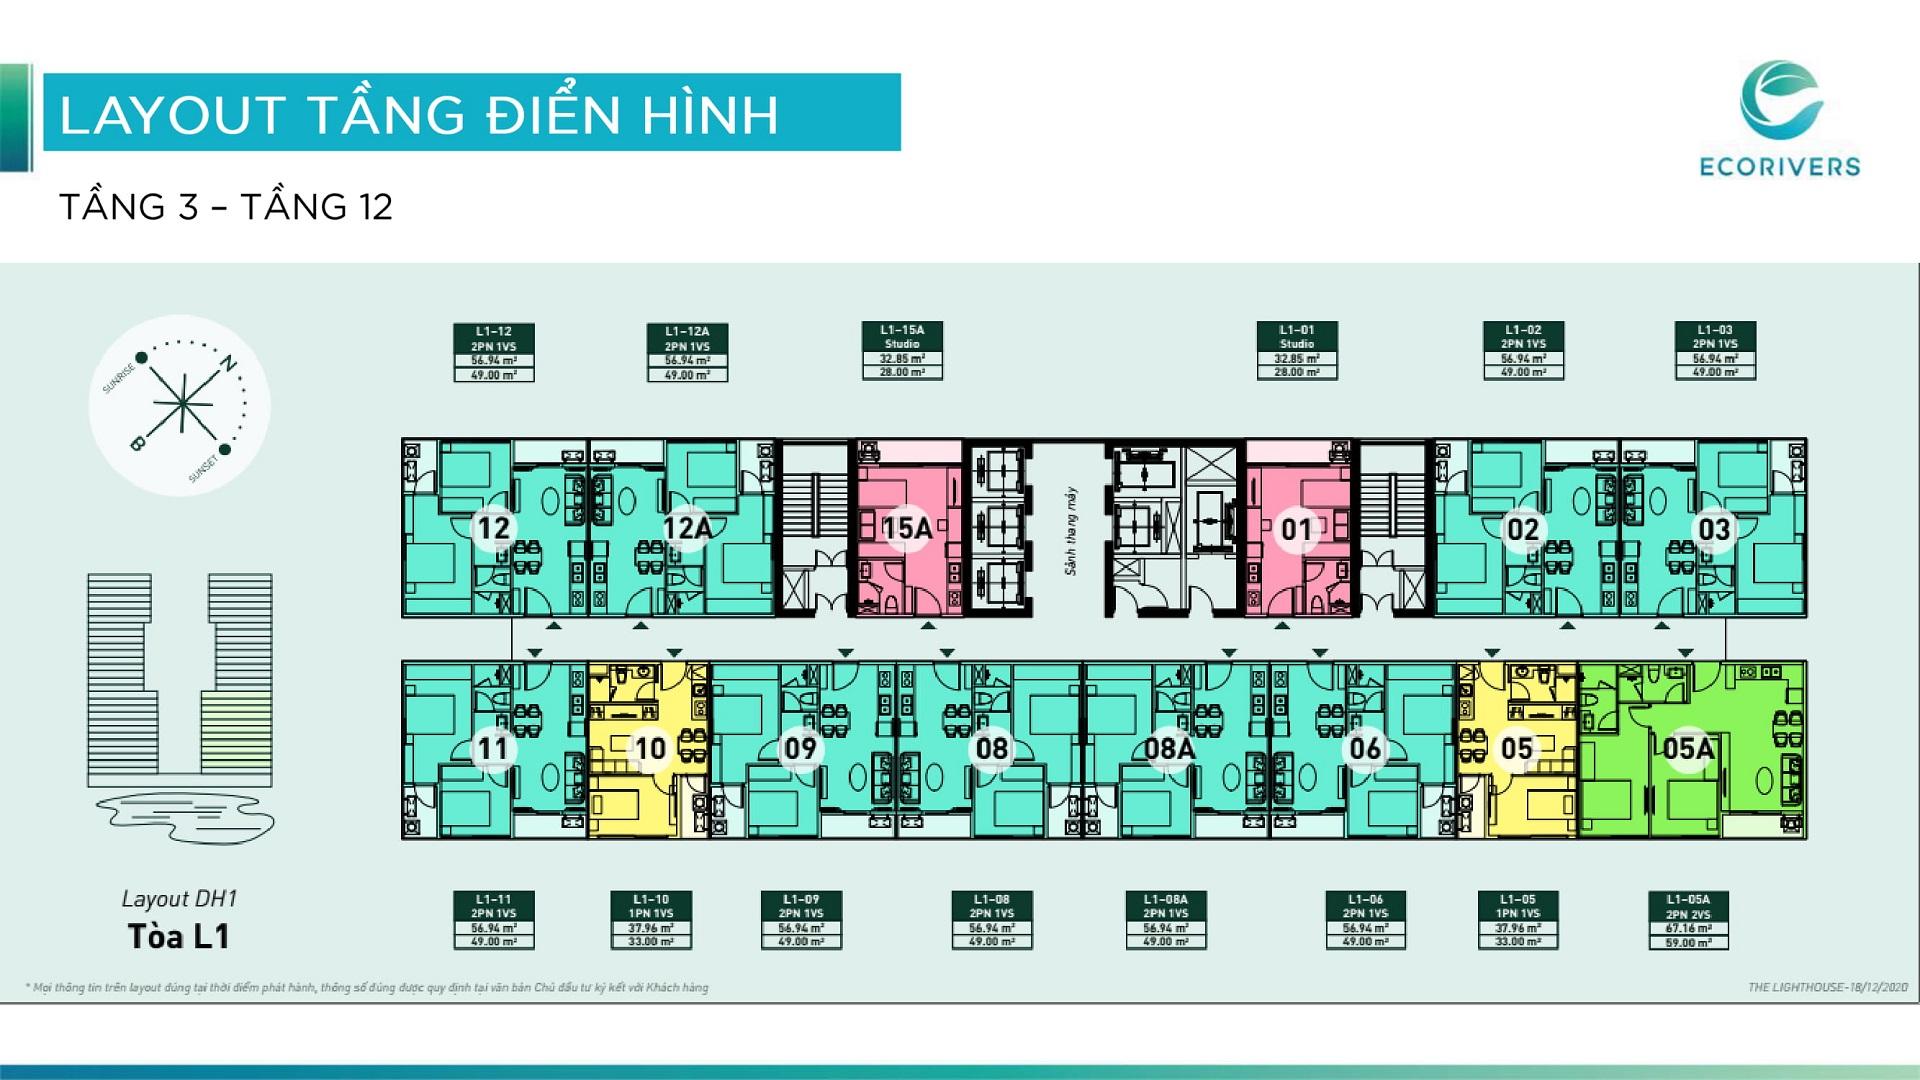 mặt bằng chung cư lighthouse ecorivers tầng 3-12